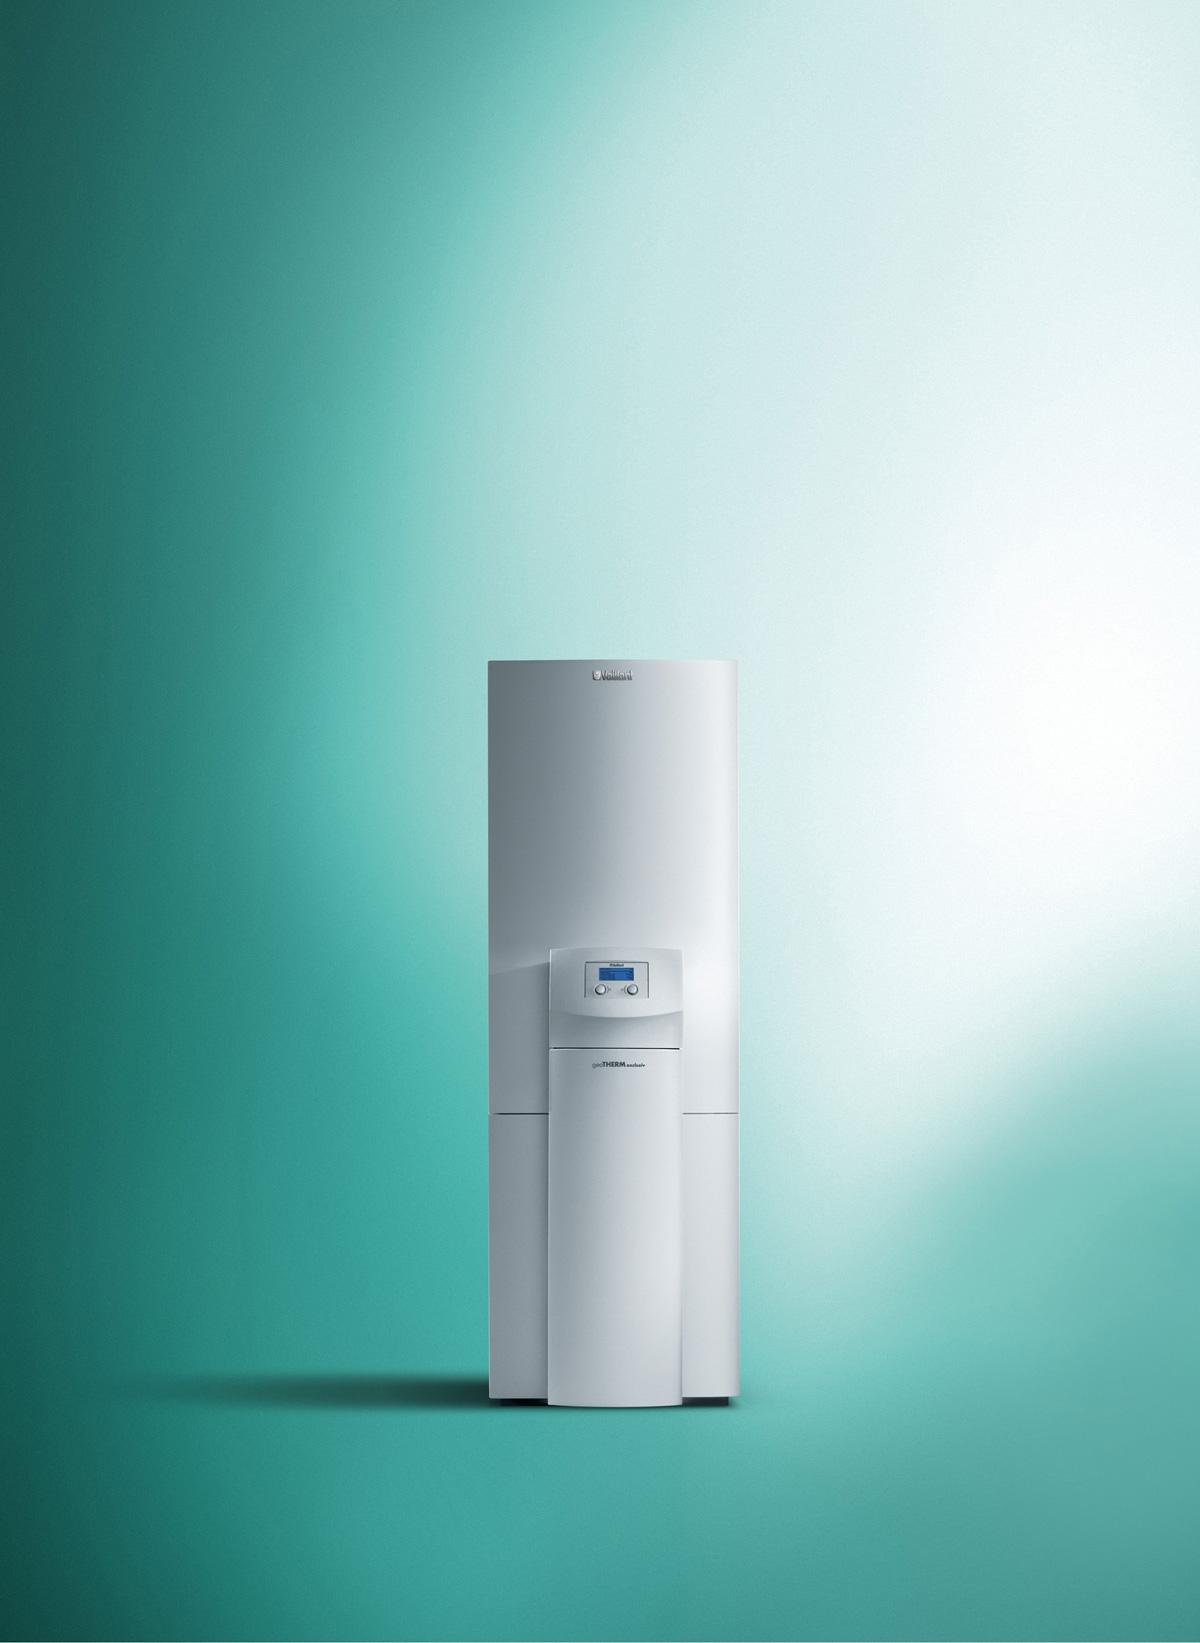 pompe chaleur sol eau geotherm vaillant induscabel salle de bains chauffage et cuisine. Black Bedroom Furniture Sets. Home Design Ideas